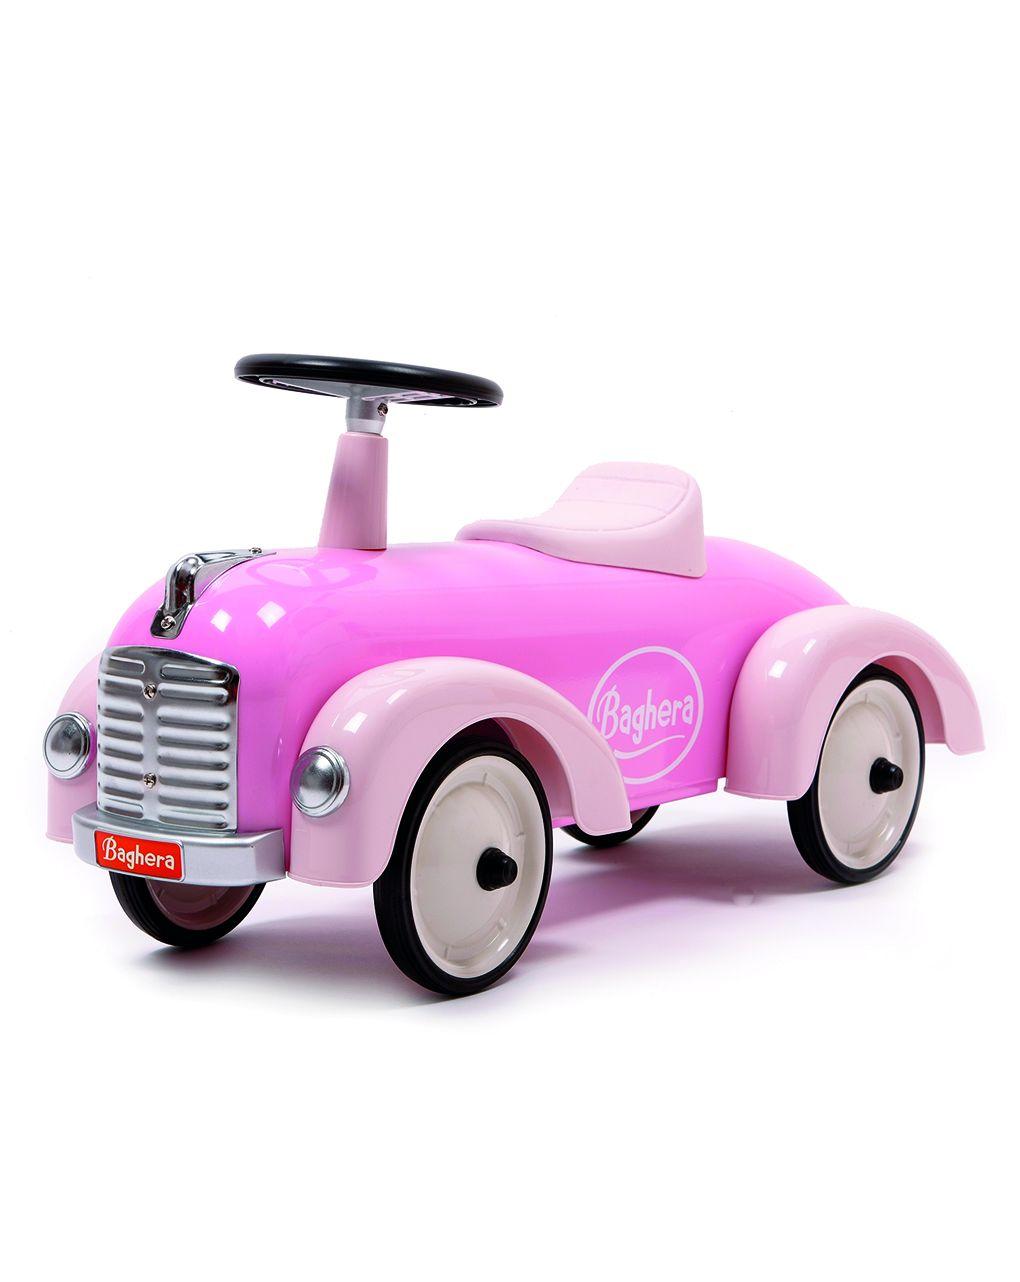 Baghera - speedster pink - Baghera